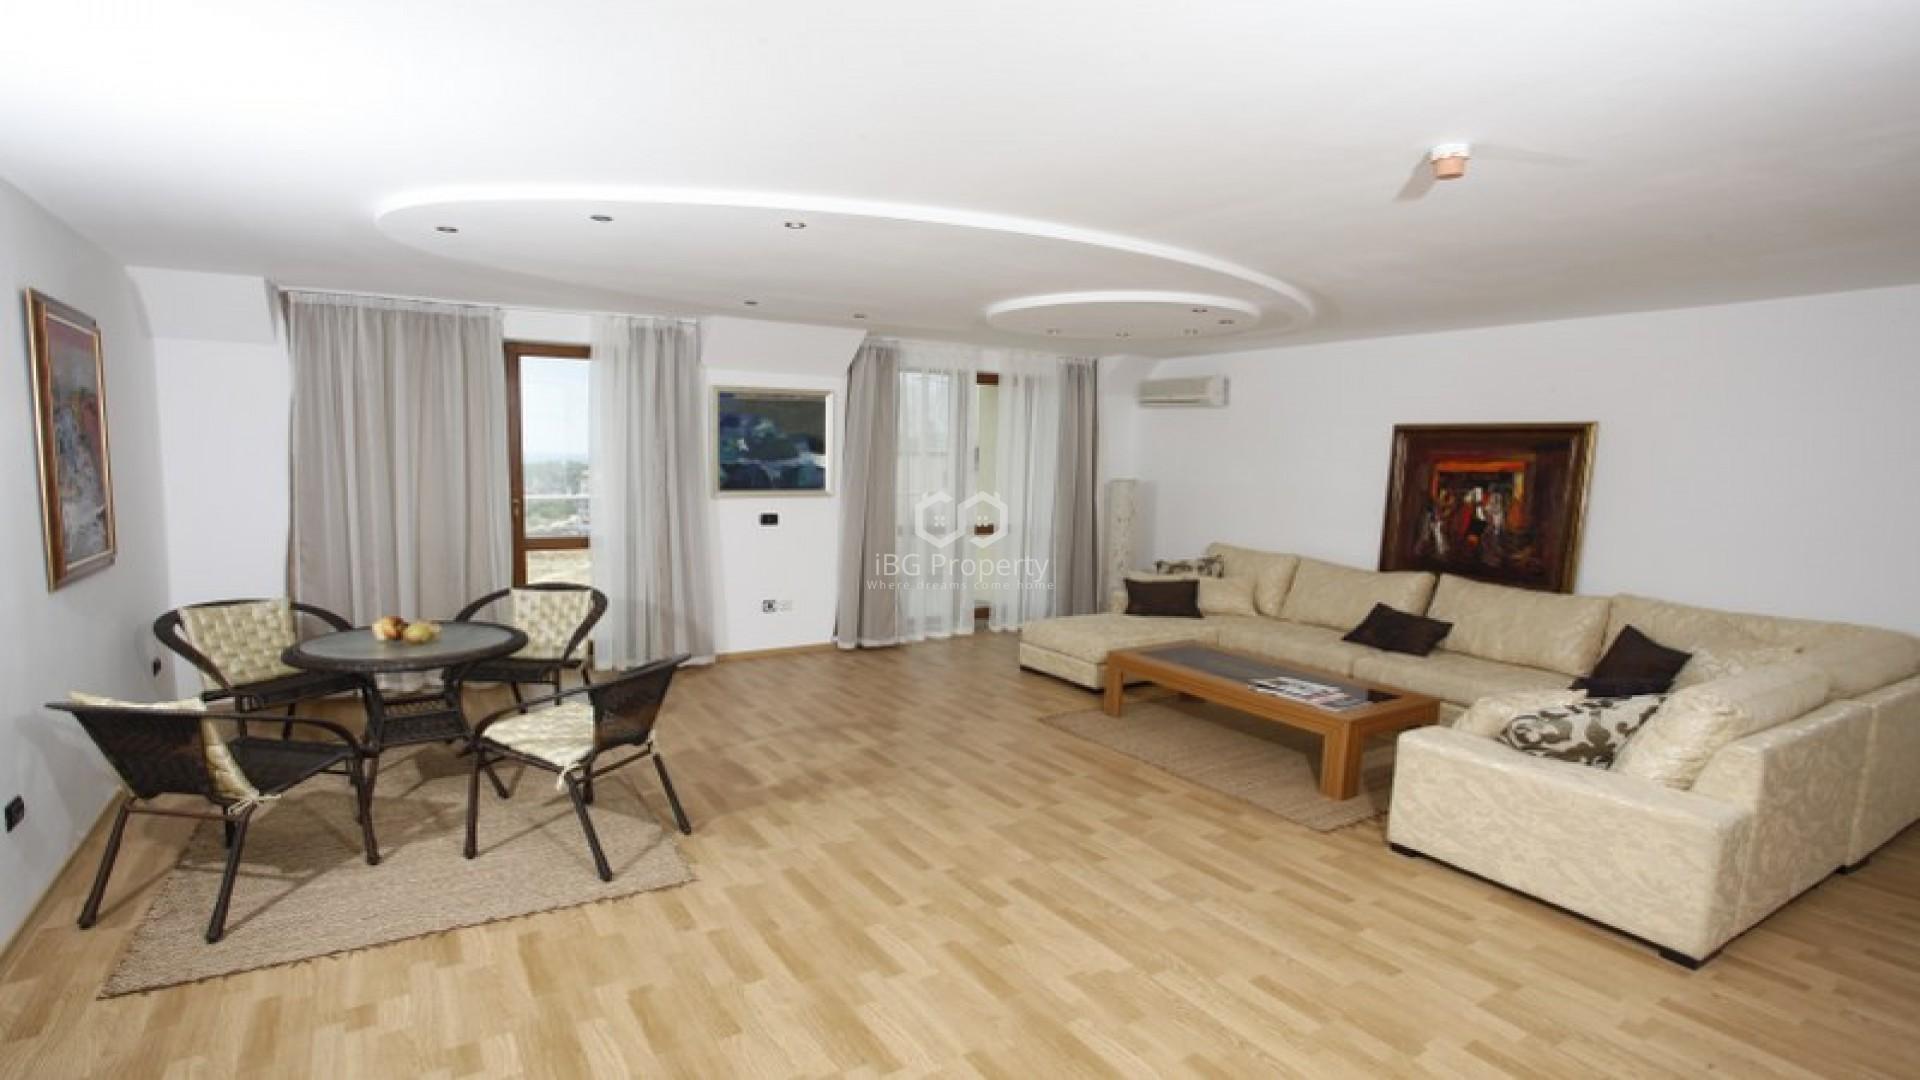 ЕКСКЛУЗИВНО ПРЕДЛОЖЕНИЕ! Двустаен апартамент Бяла 143 m2